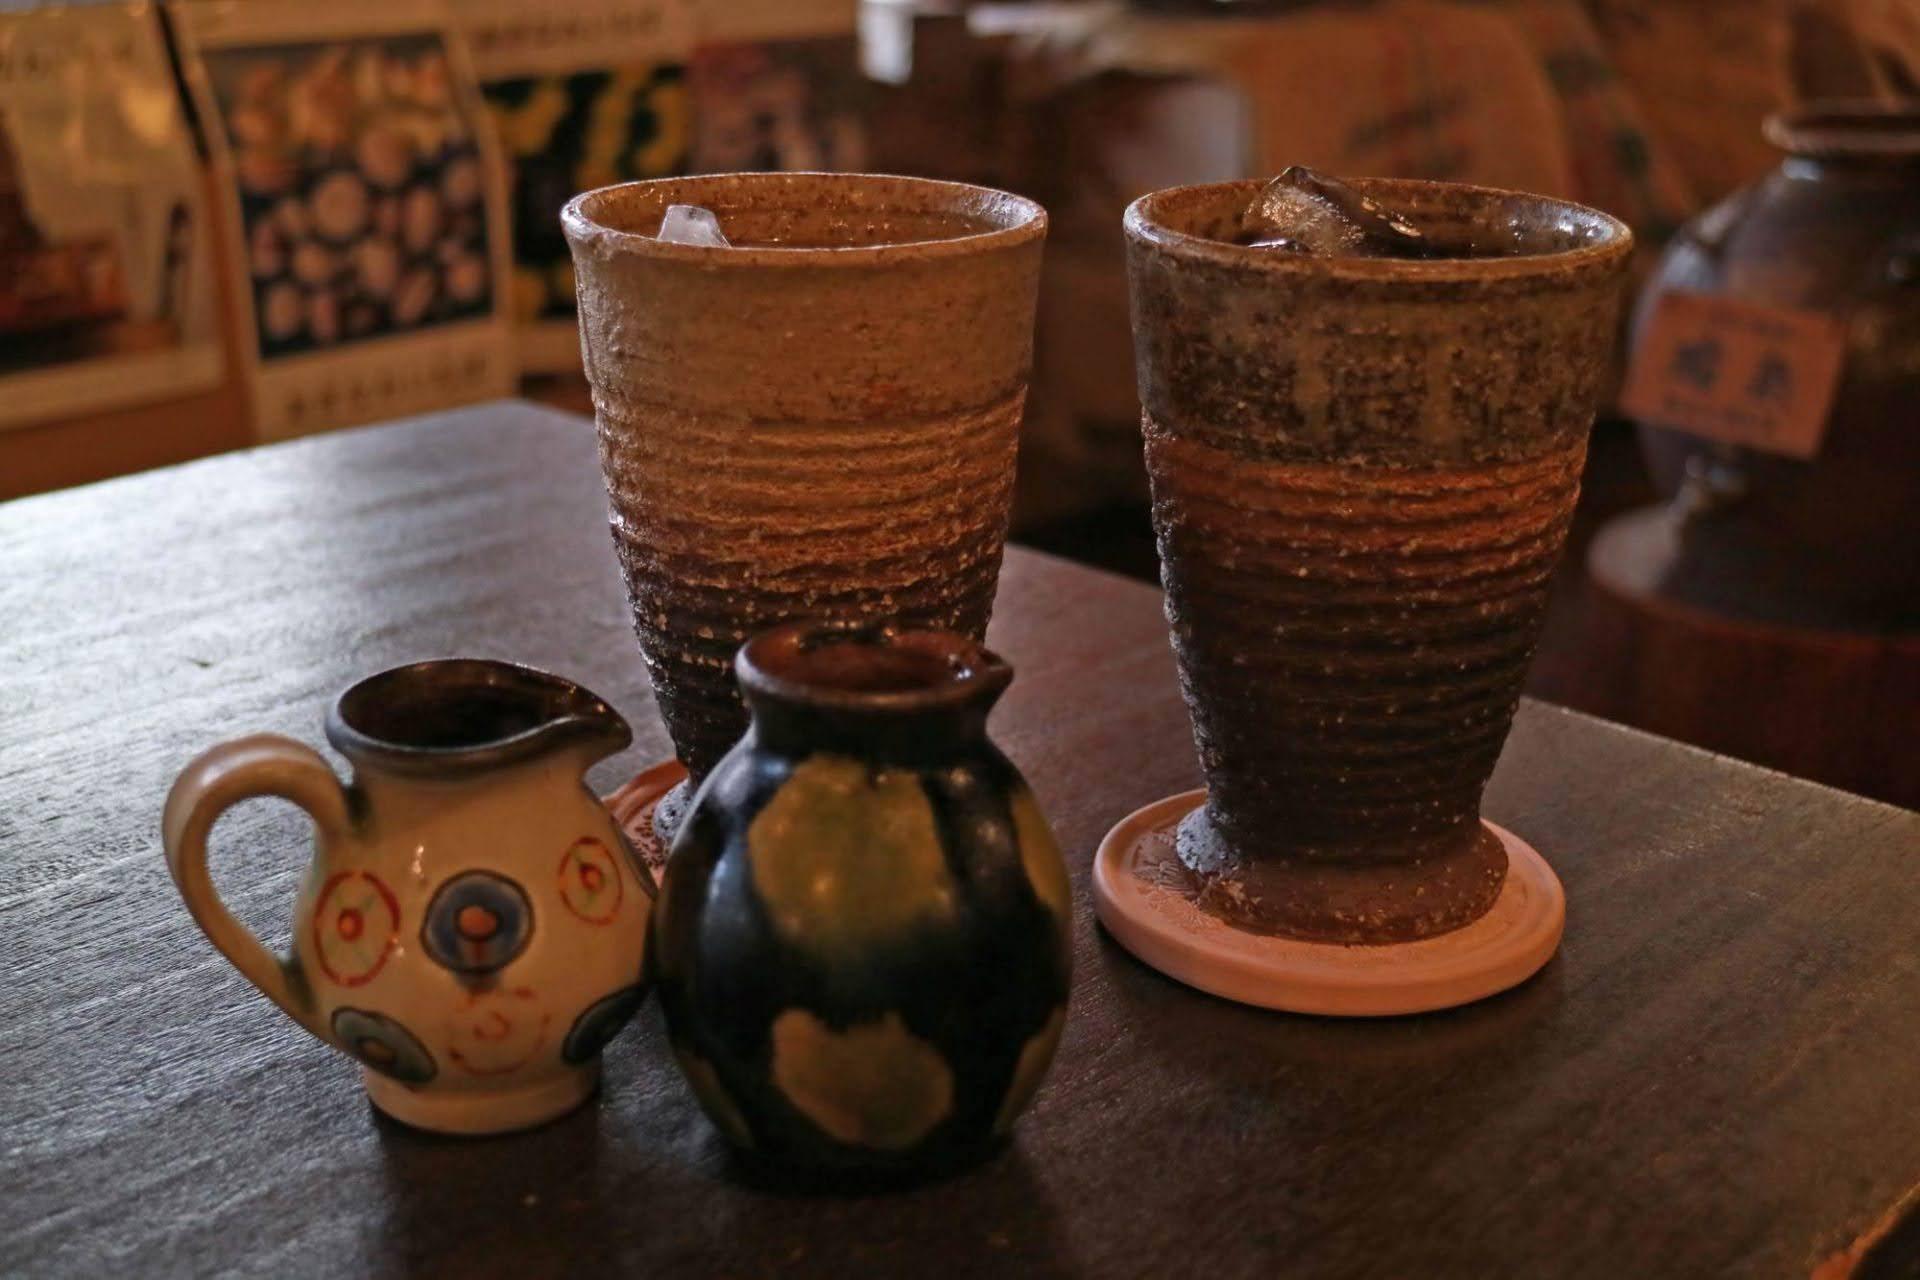 沖縄式 那覇 コーヒー 沖縄 おすすめ カフェ